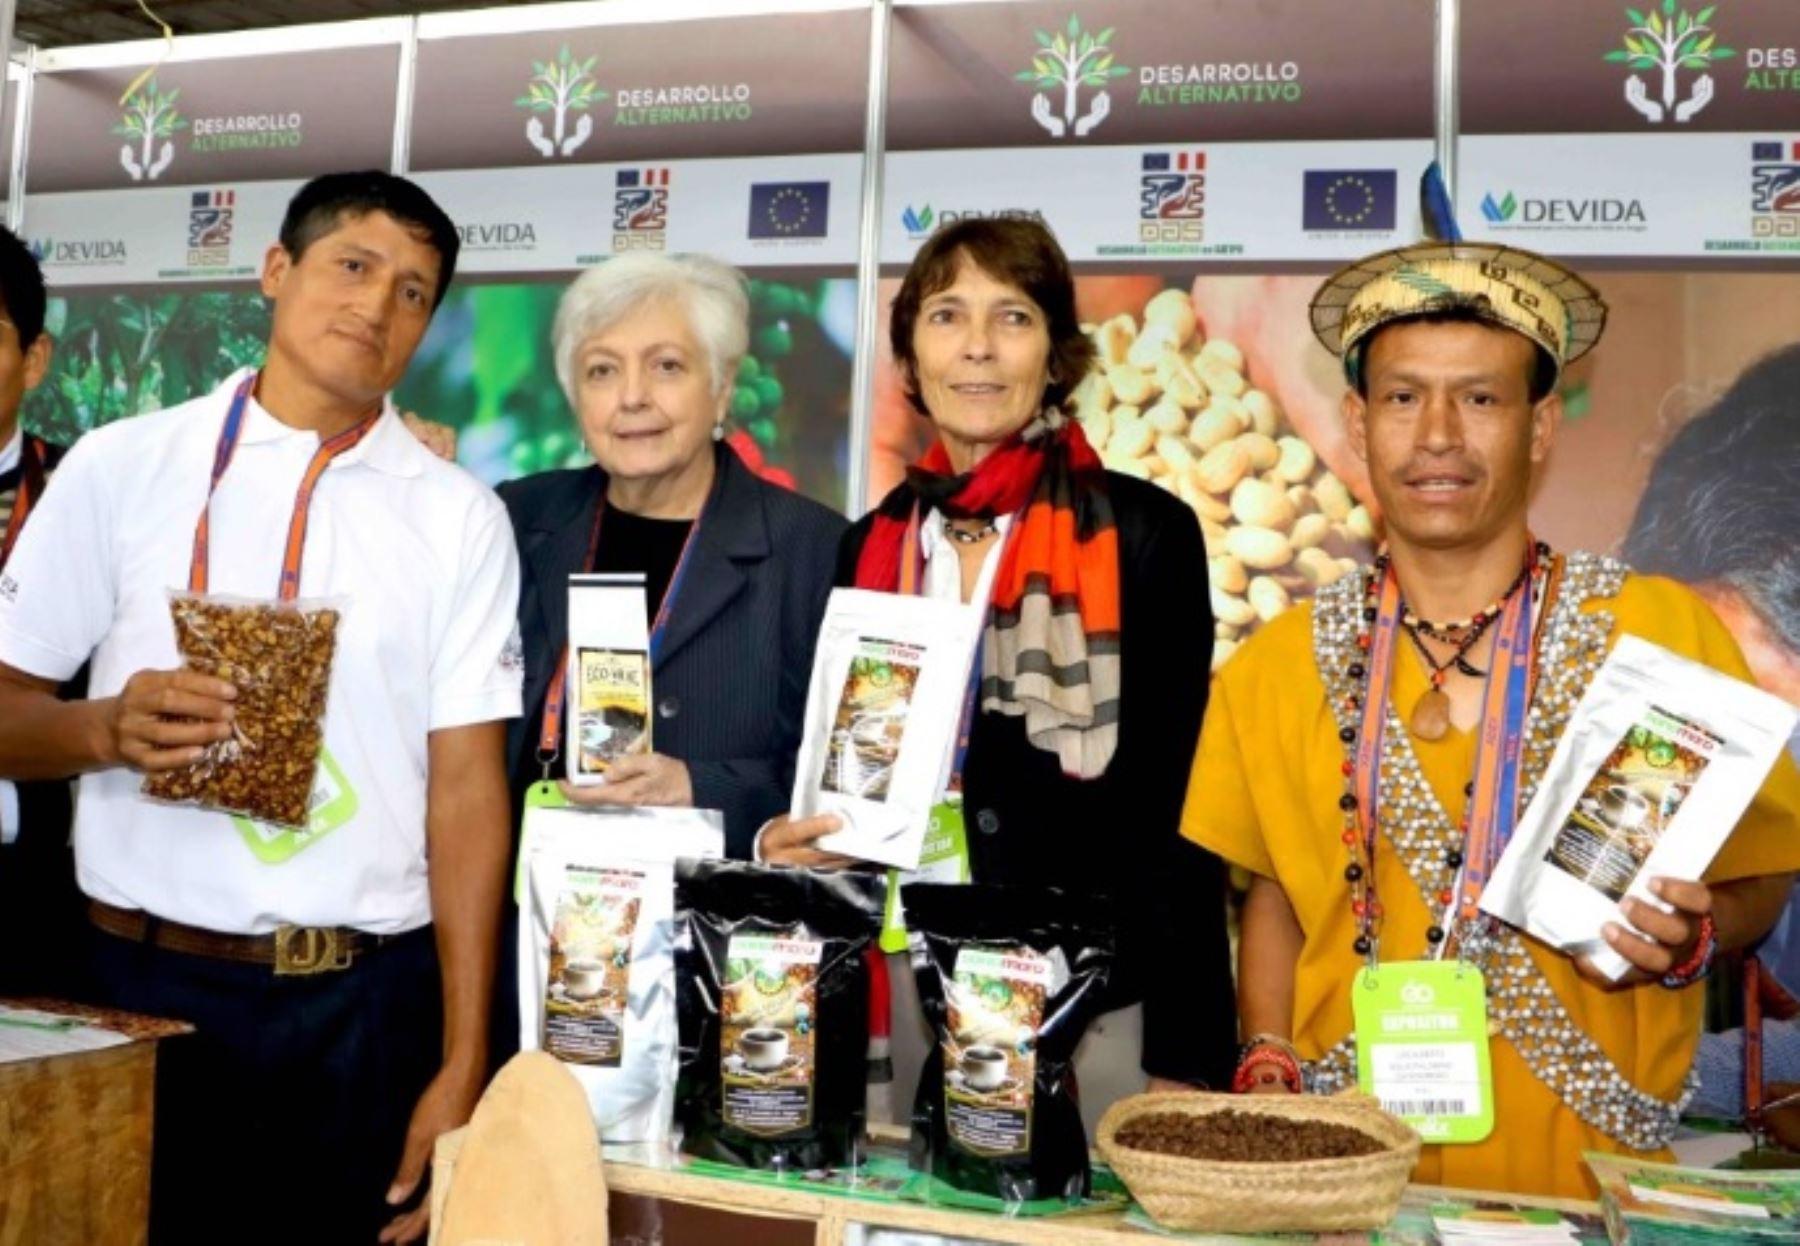 Presidenta ejecutiva de la Comisión Nacional para el Desarrollo y Vida sin Drogas (Devida), Carmen Masías Claux, y embajadora de la Unión Europea en Perú, Irene Horejs, junto a productores de café y cacao participantes en Expoalimentaria 2016.